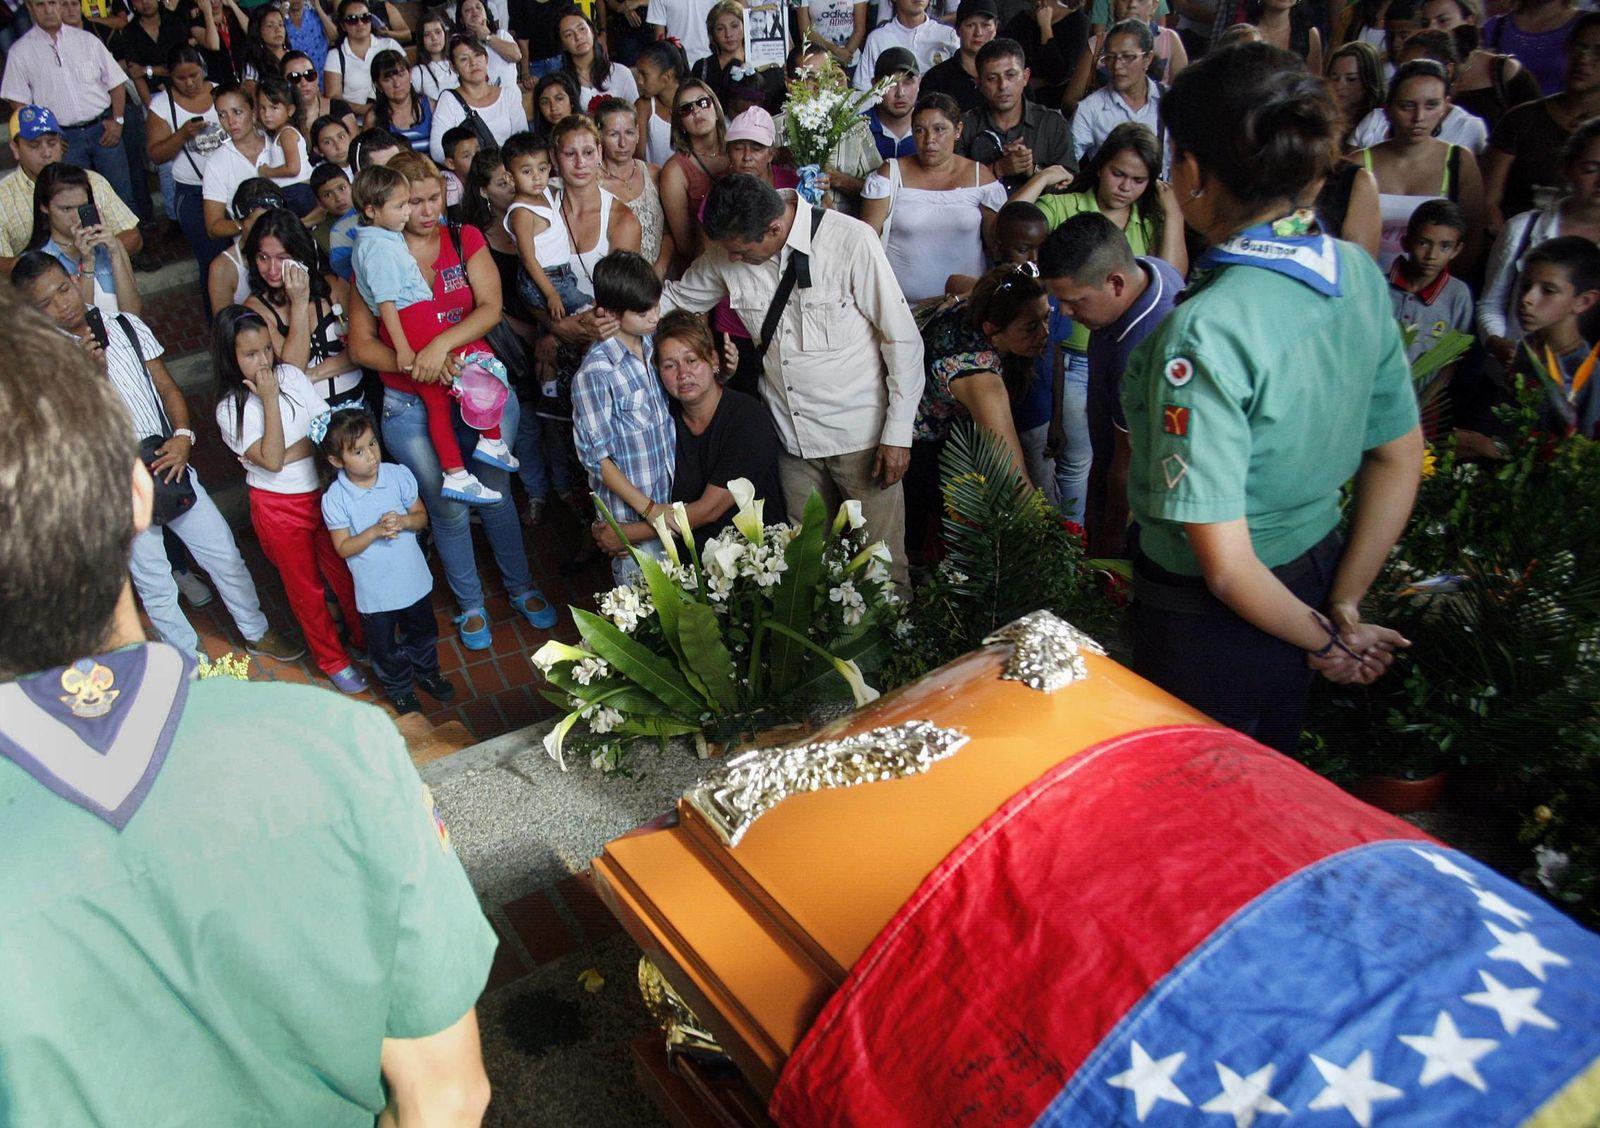 Foto: Venezolanos ante el ataúd de Kluiver Roa, el joven asesinado por la Policía durante una protesta en San Cristóbal (Reuters).